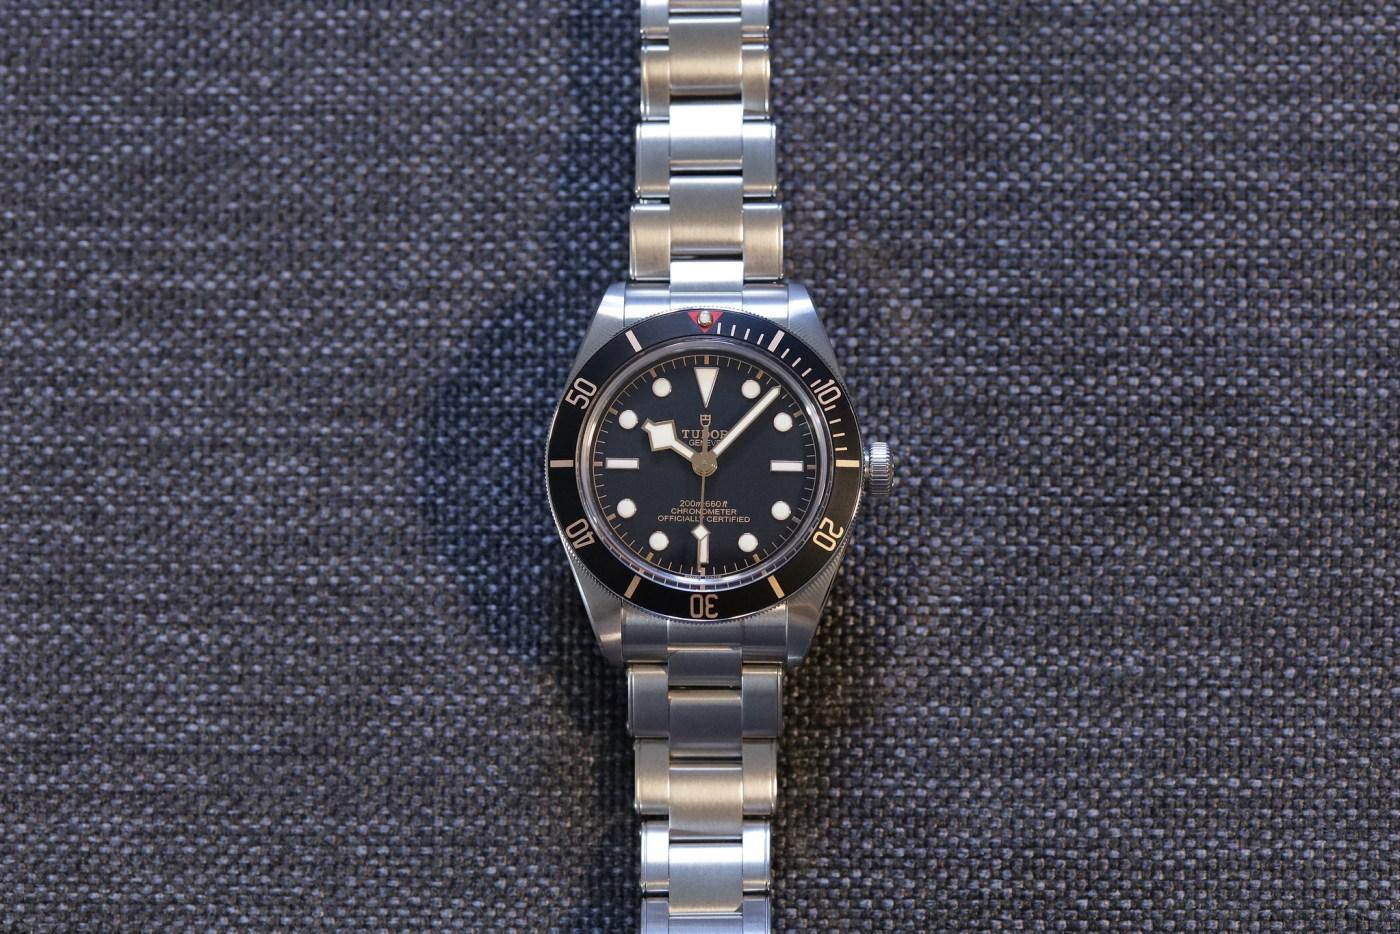 Tudor Black Bay 58 Ref. 79030N front